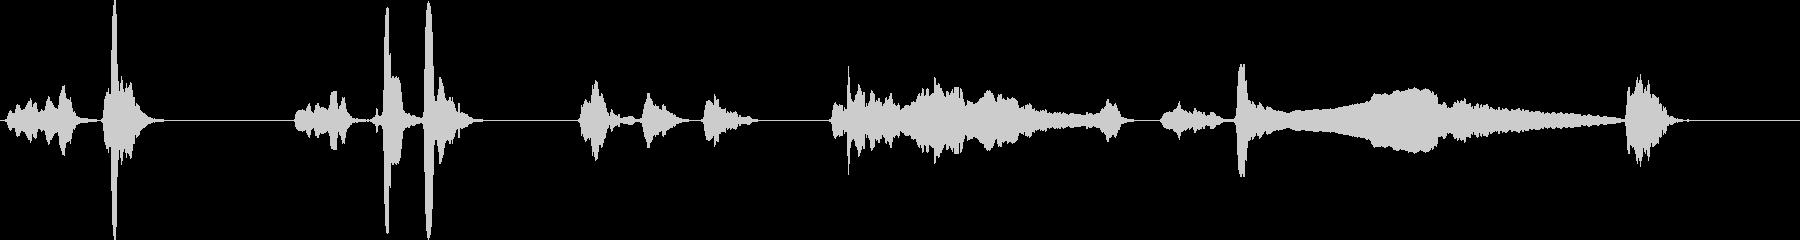 尺八の独奏 生演奏 和風のシーンなど 4の未再生の波形